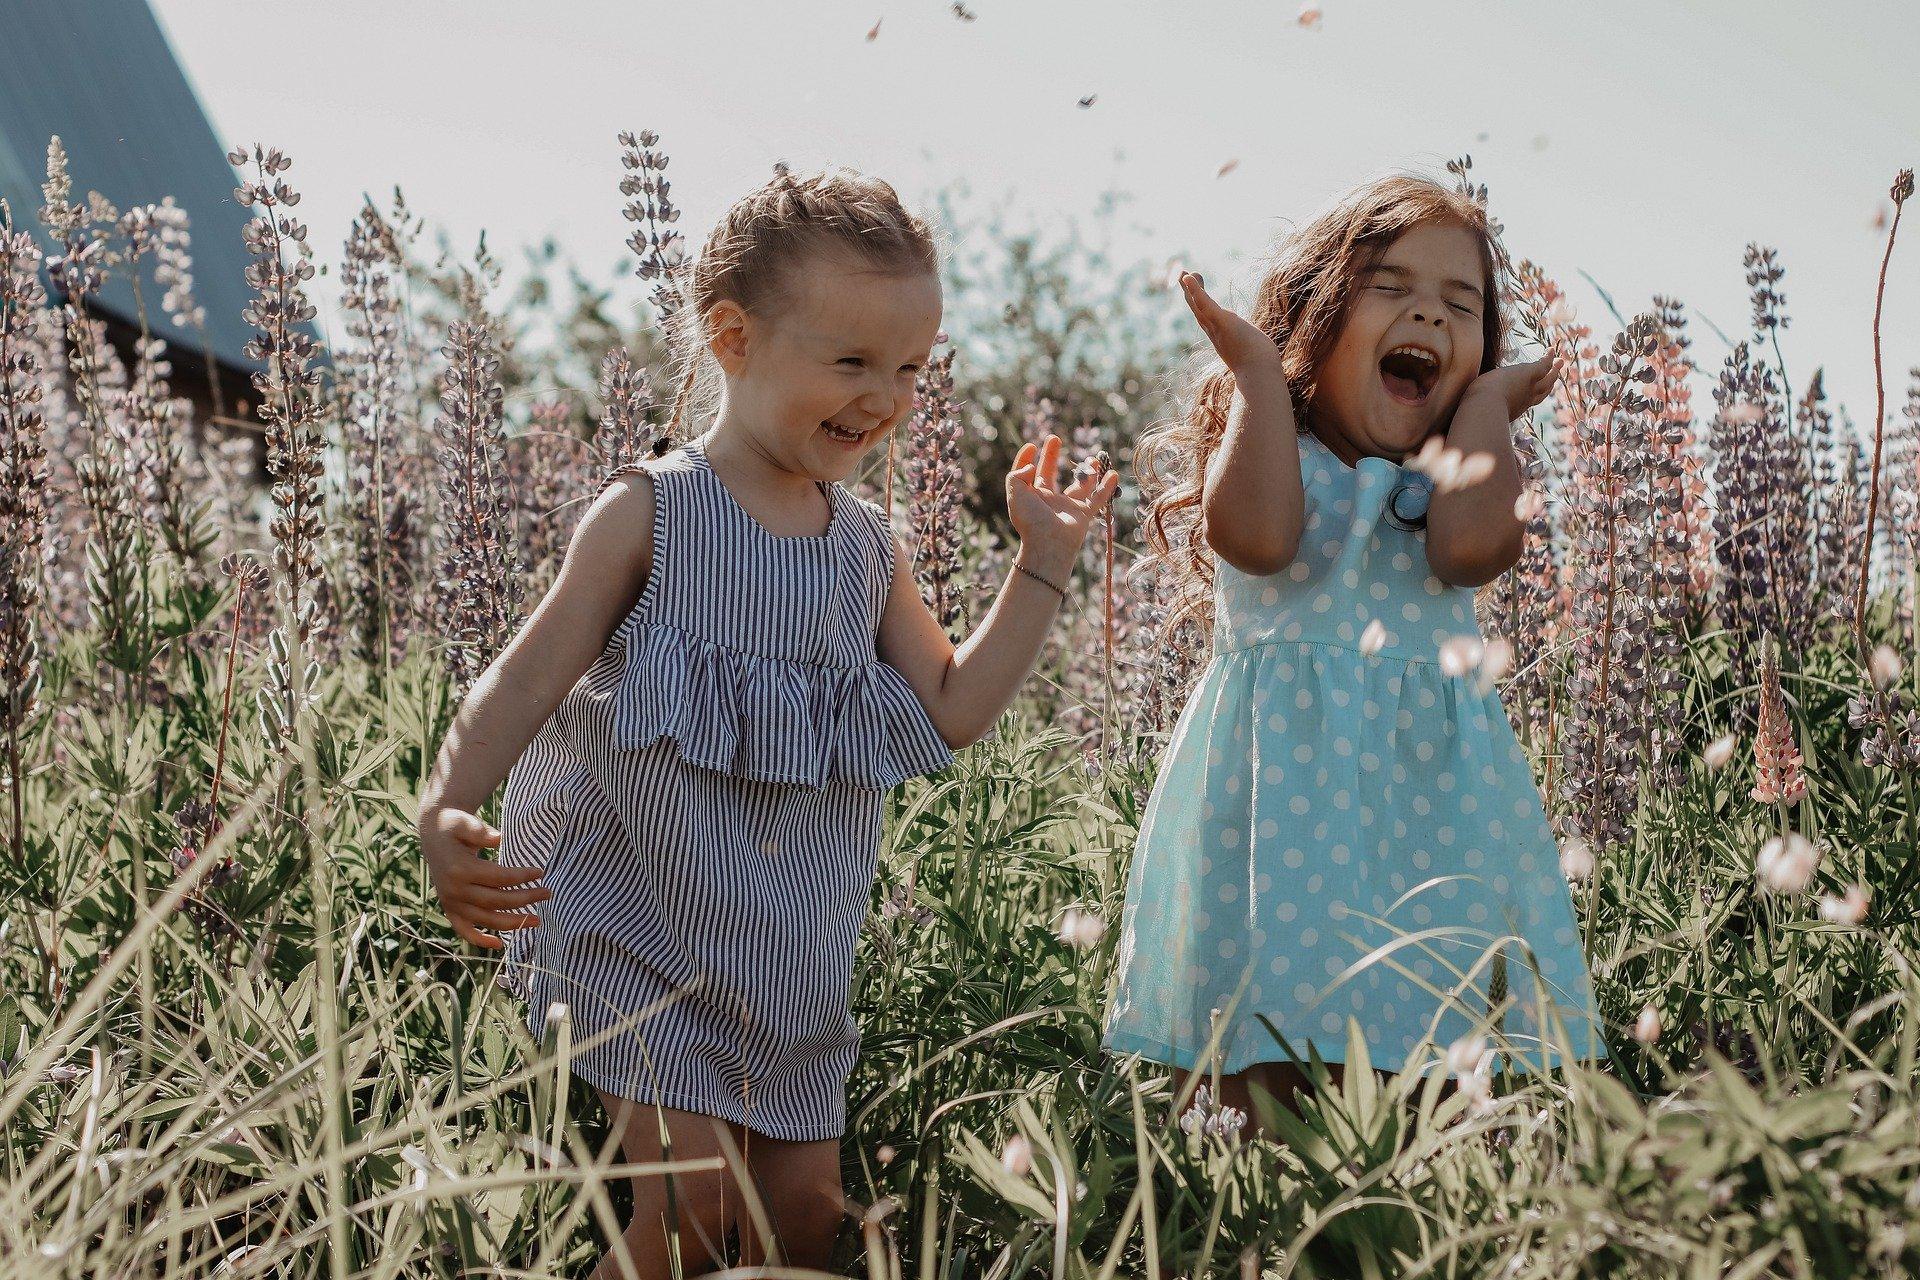 Versamento diretto del mantenimento al figlio: è possibile richiederlo?